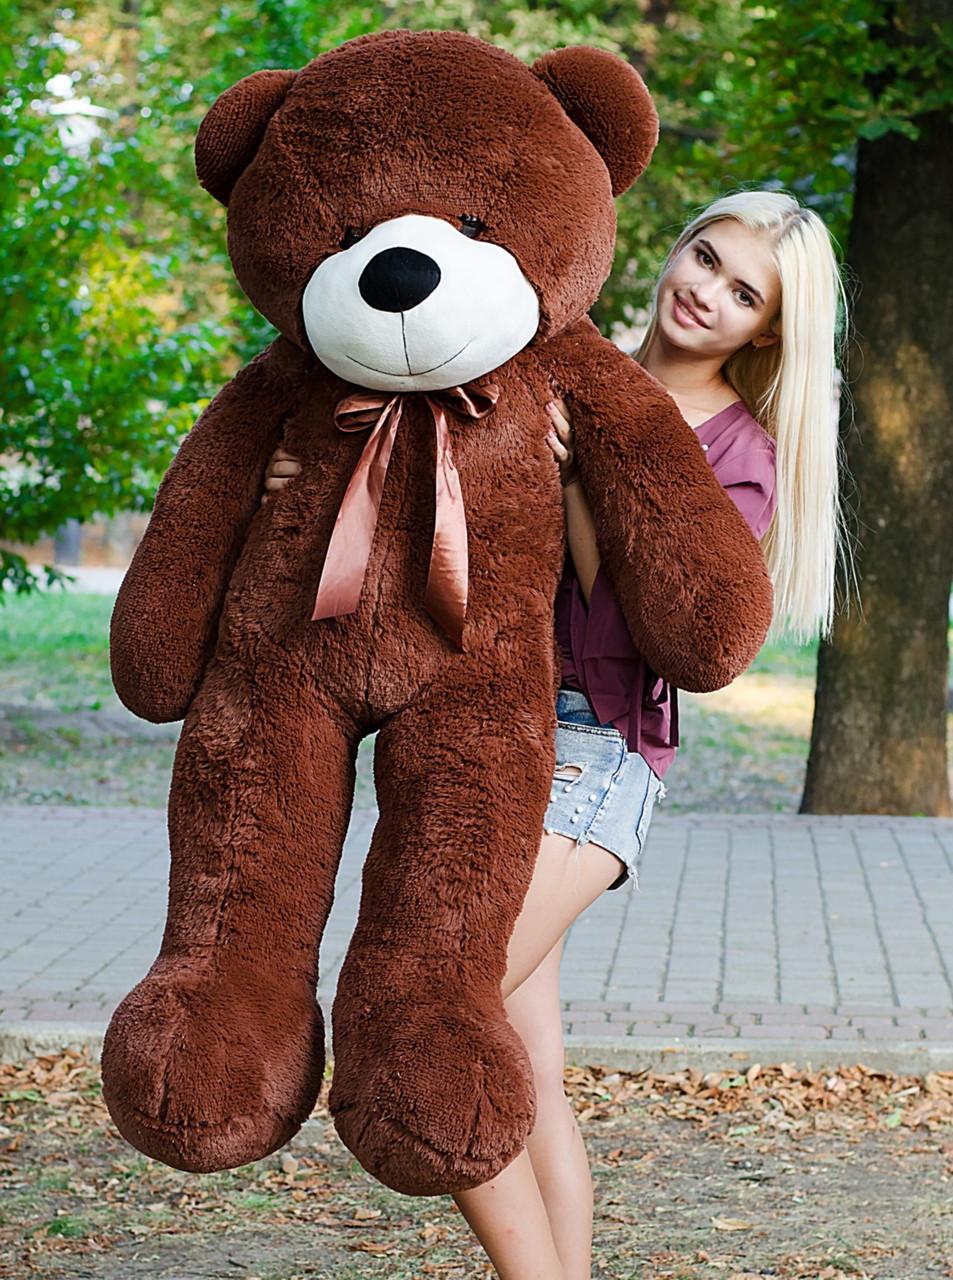 несмотря фотоподделки большой медведь химия полностью